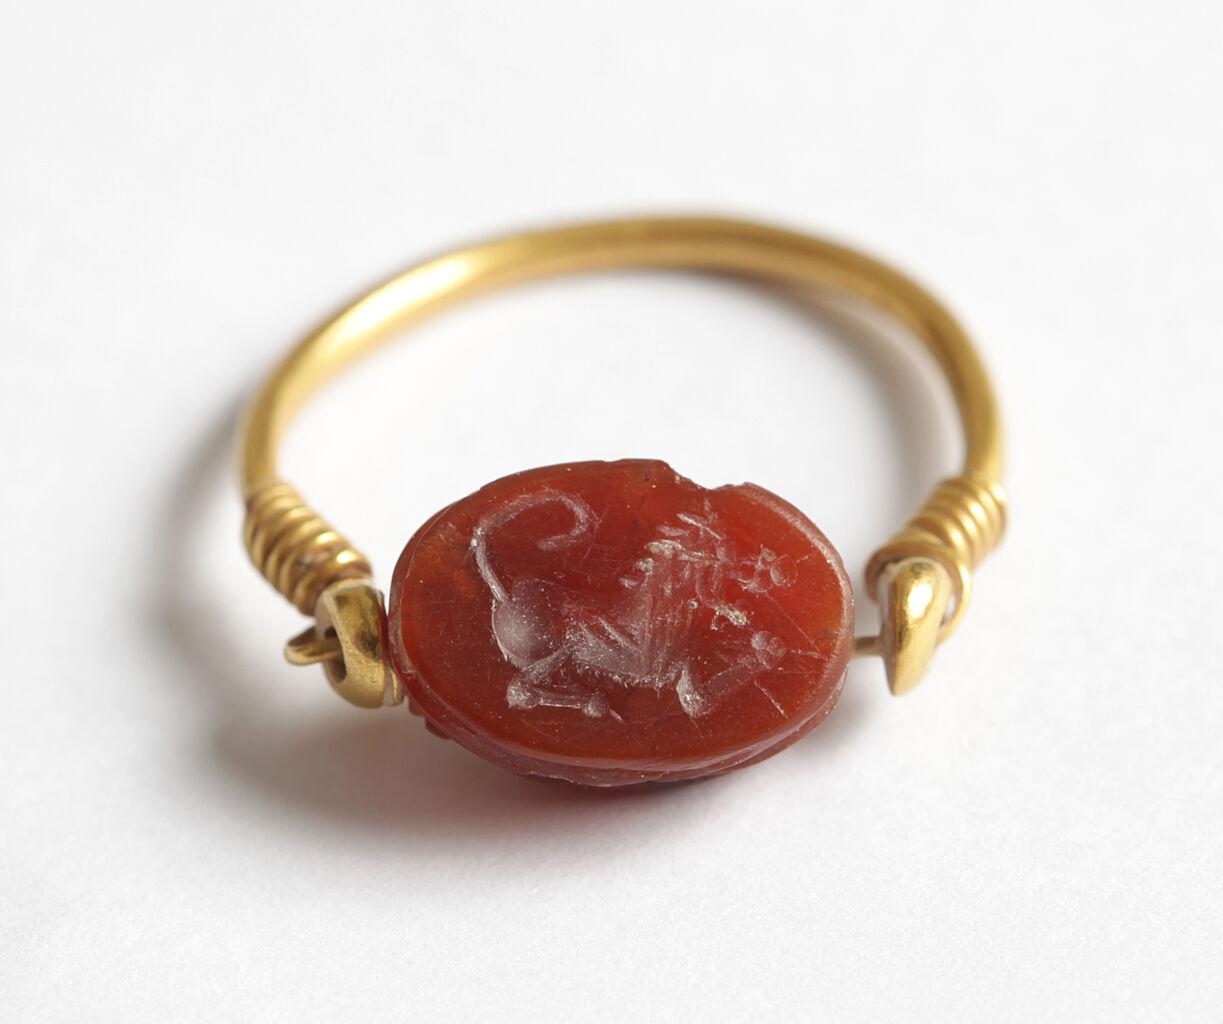 Gold seal ring